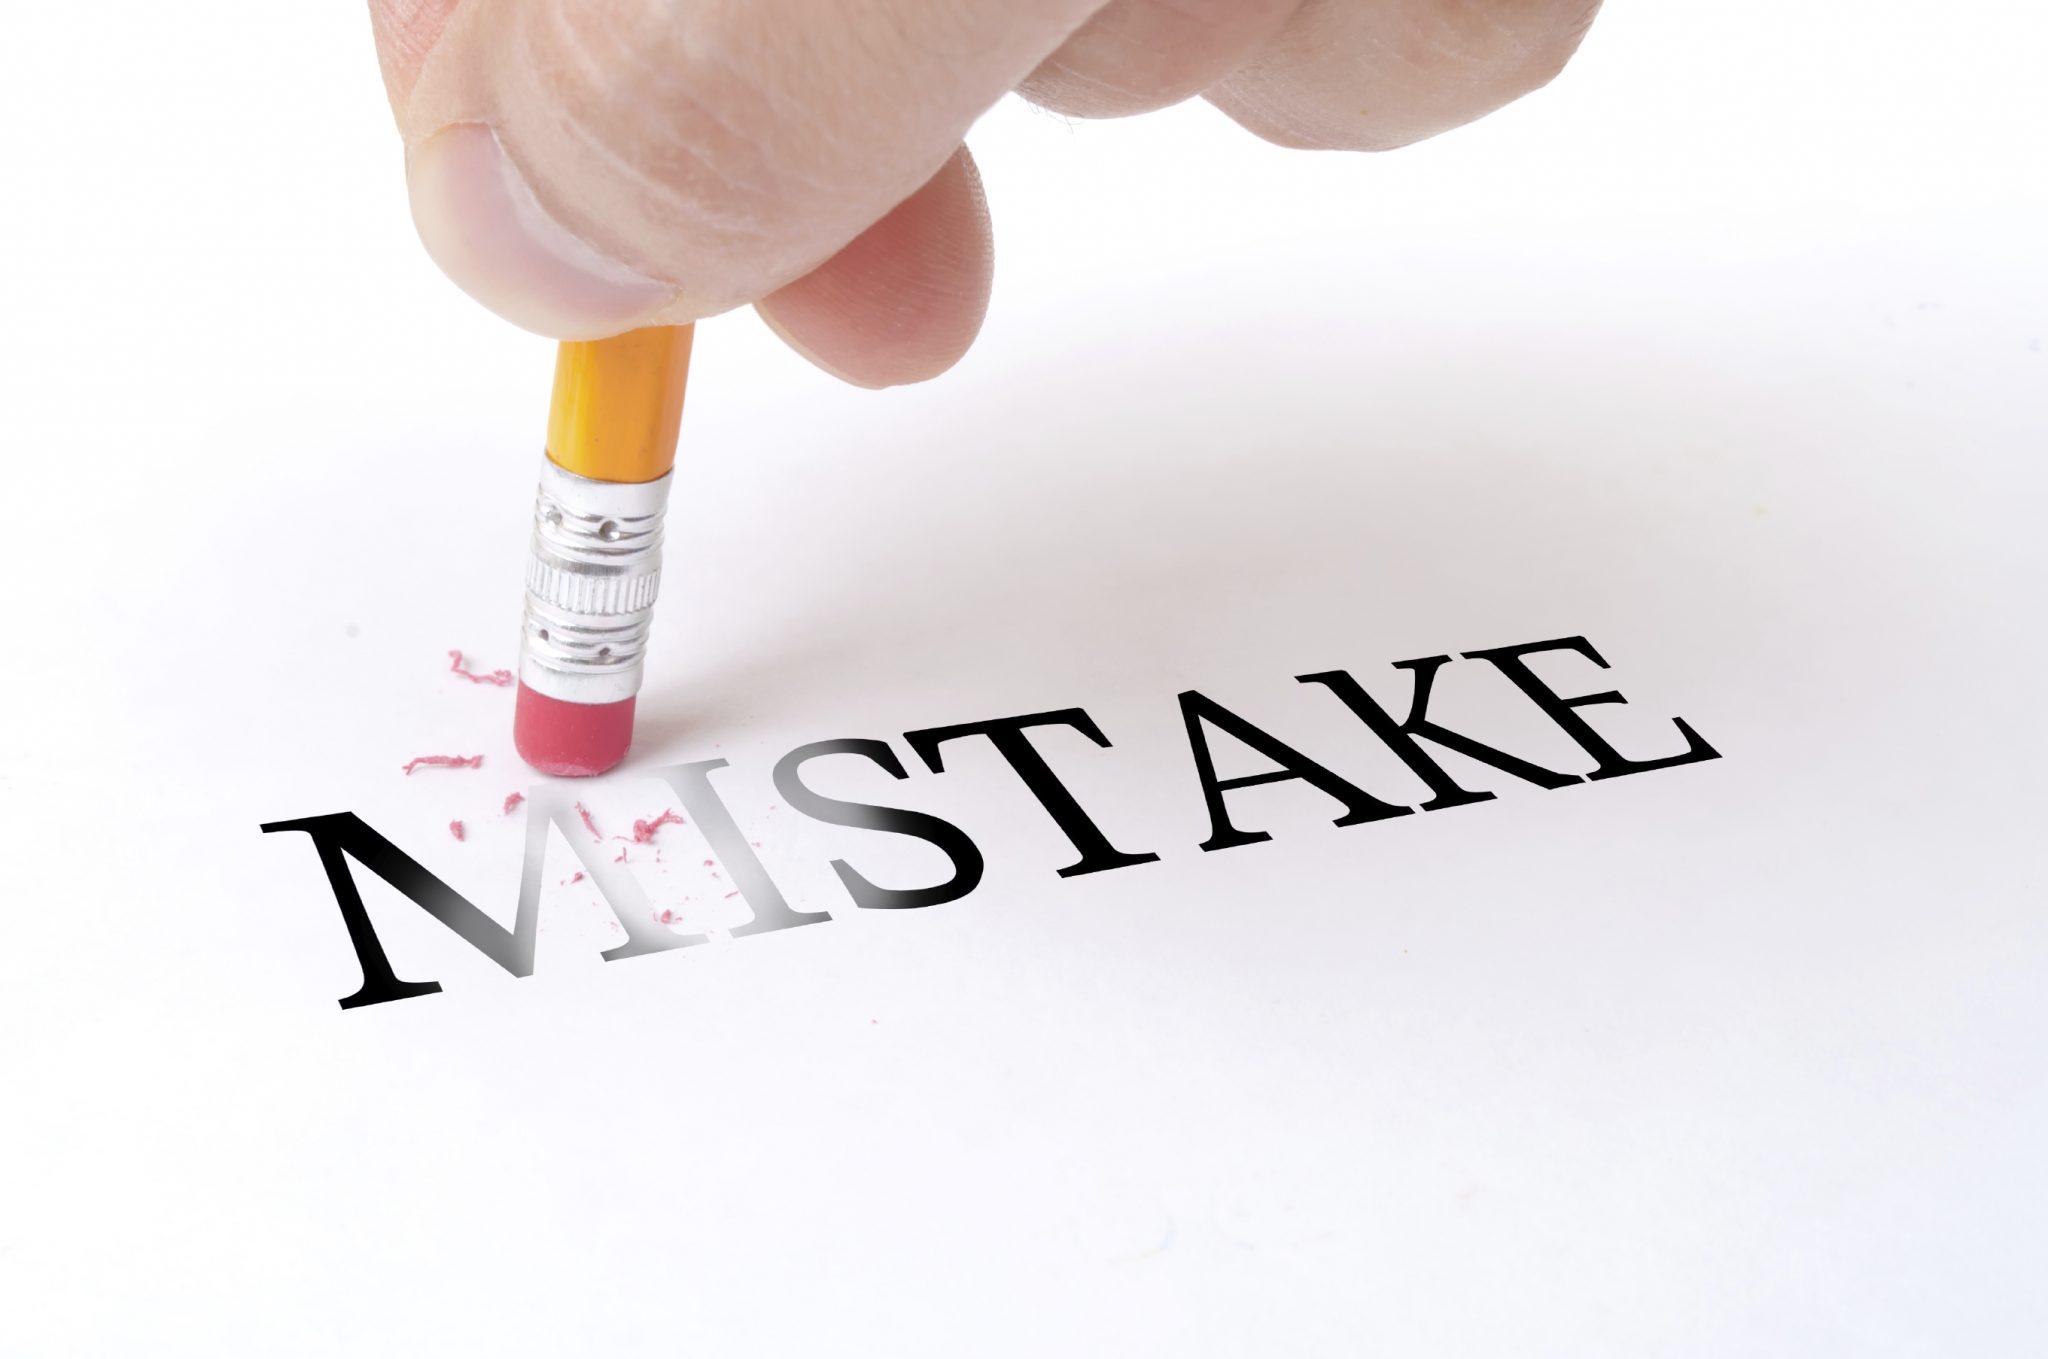 Kinh nghiệm làm tiếp thị liên kết - 5 sai lầm nên tránh